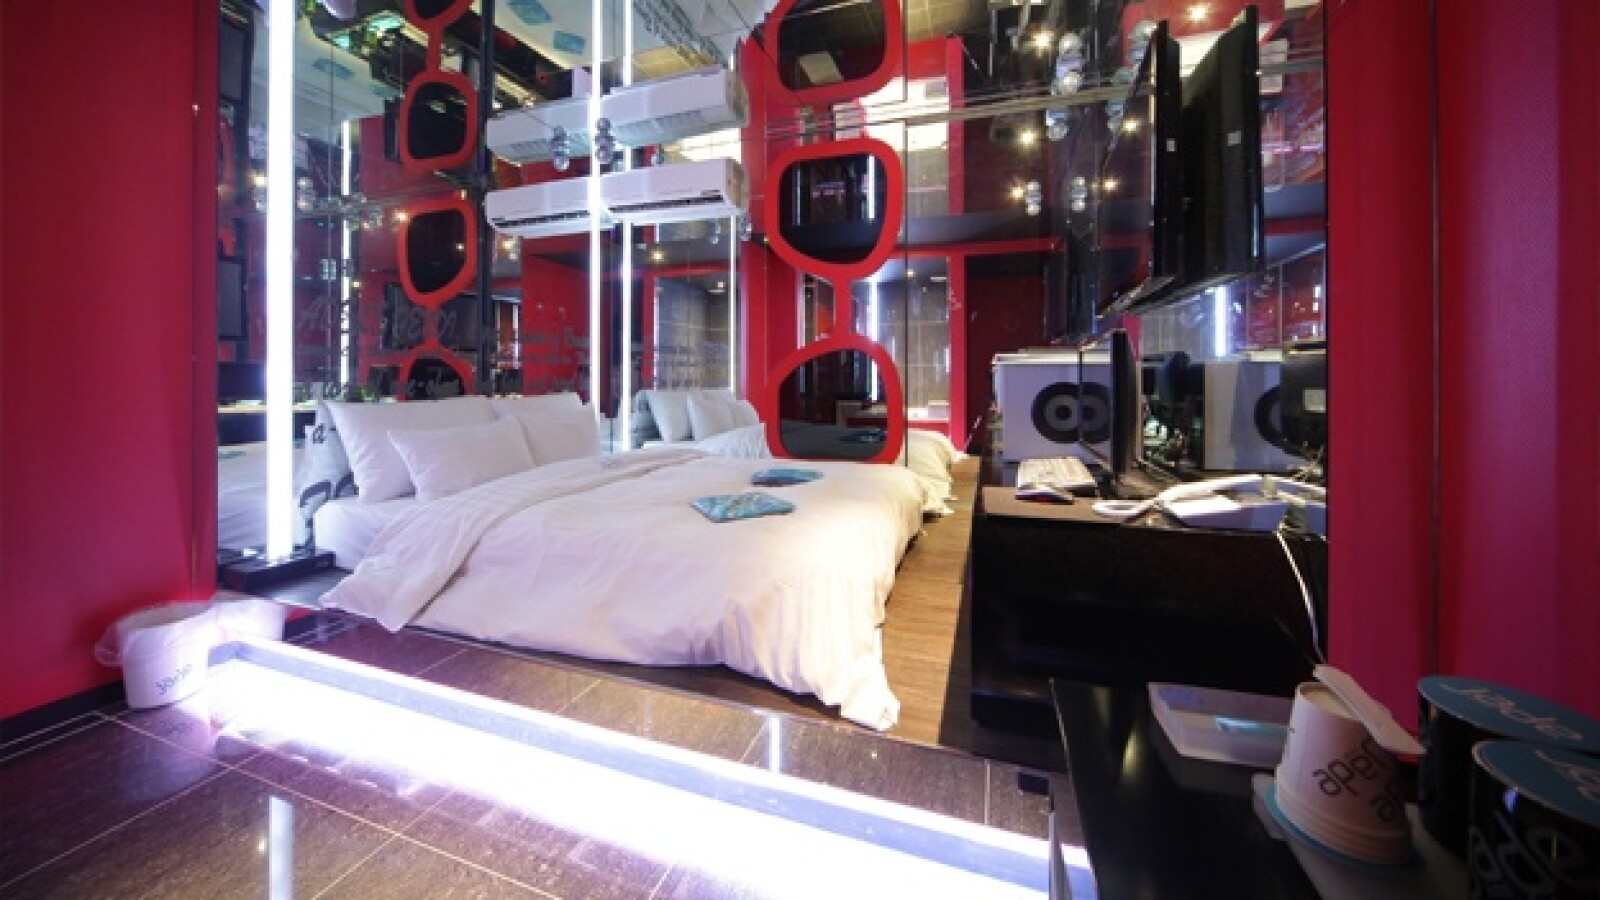 Hotel Jade Seul habitaciones fiesta